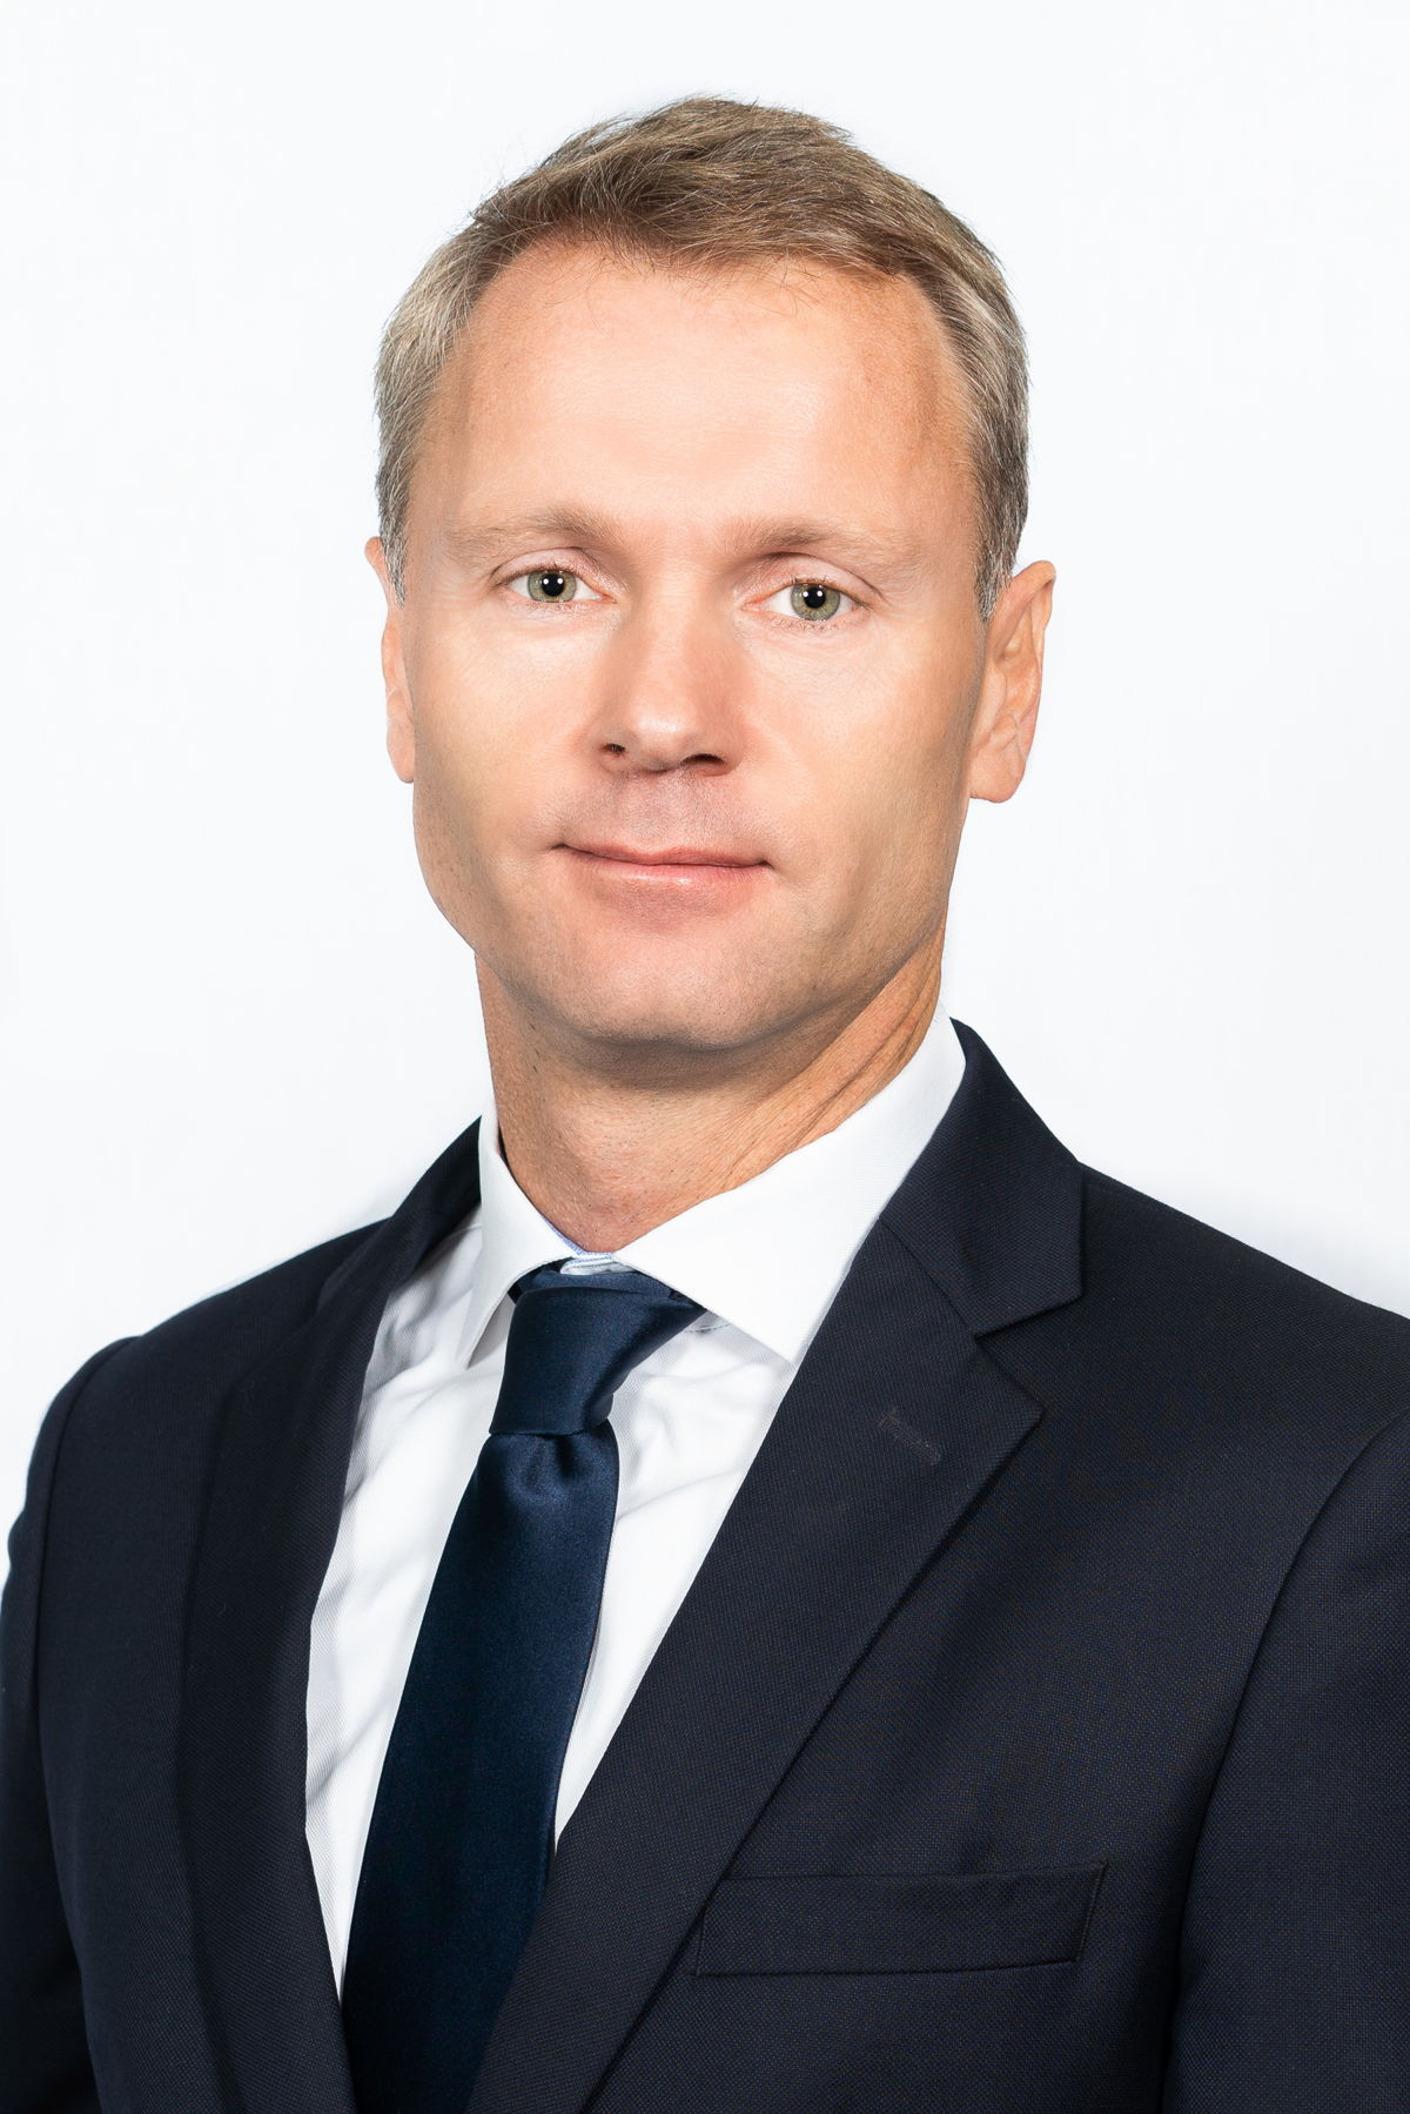 As Tempelman is new CEO of Eneco